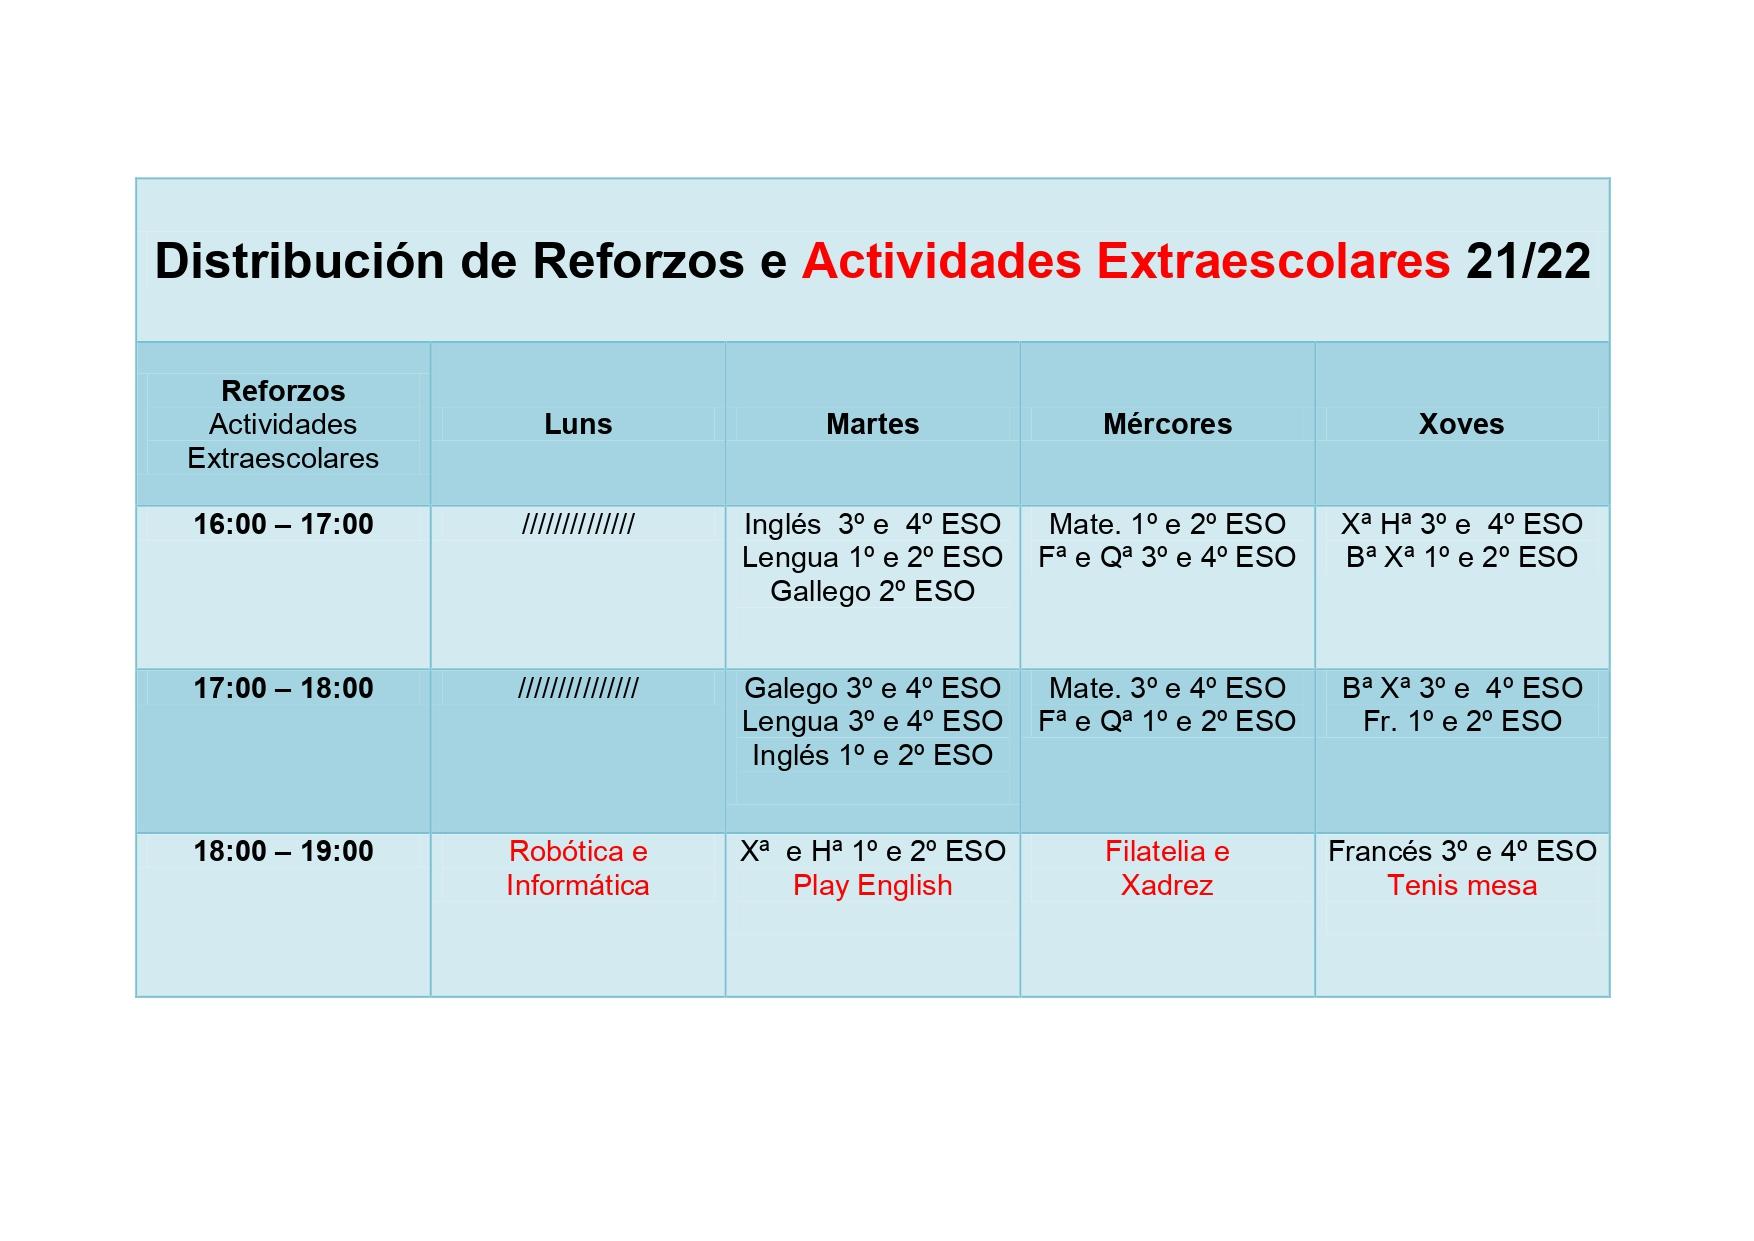 reforzos-e-activ.-extraescol.-tablon_page-0001-1